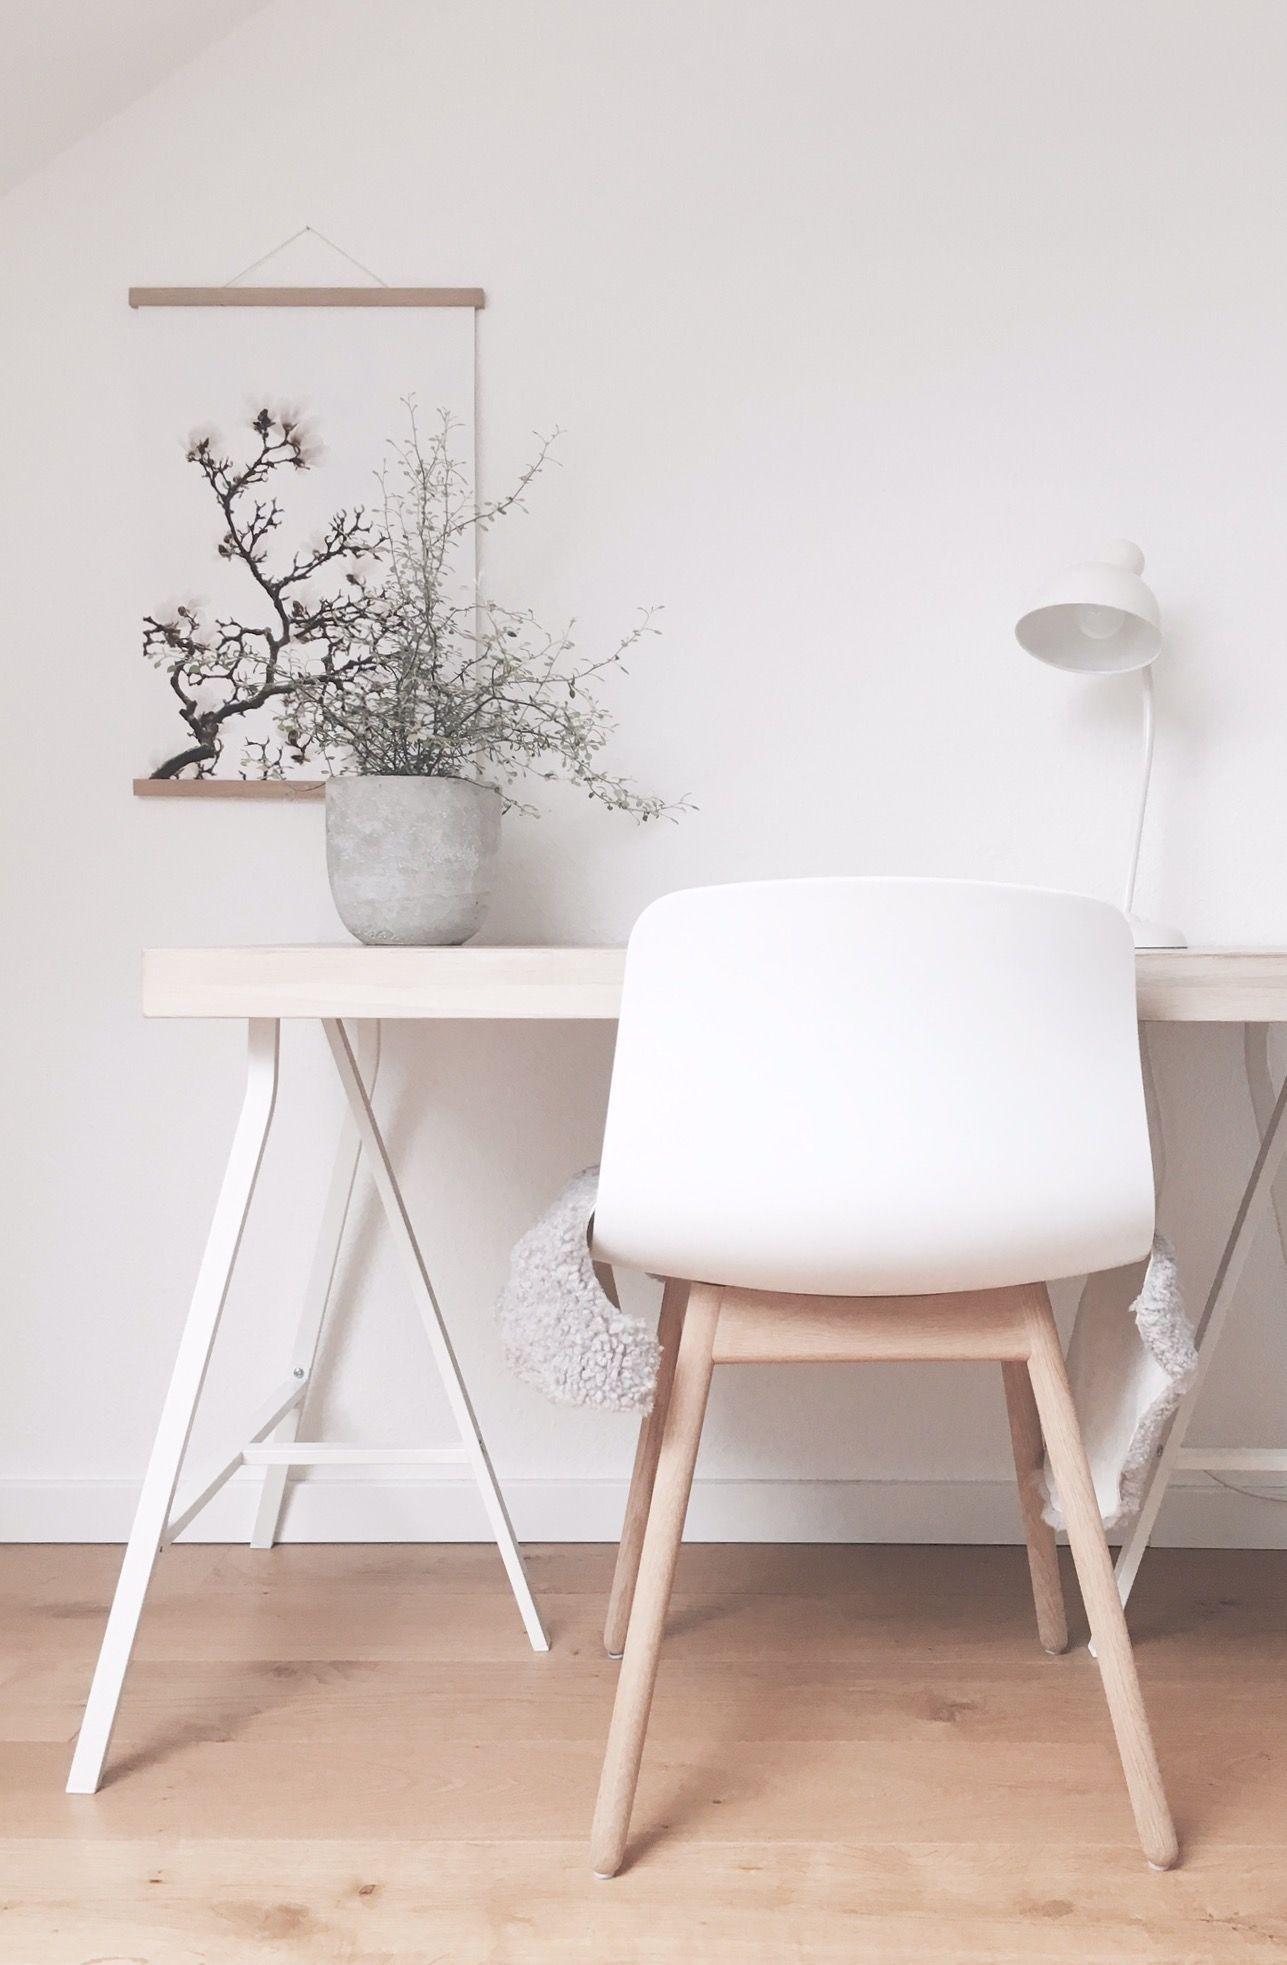 schlafzimmer ideen rose bettdecken von ikea erfahrung wandtattoo schlafzimmer schwarz wei. Black Bedroom Furniture Sets. Home Design Ideas